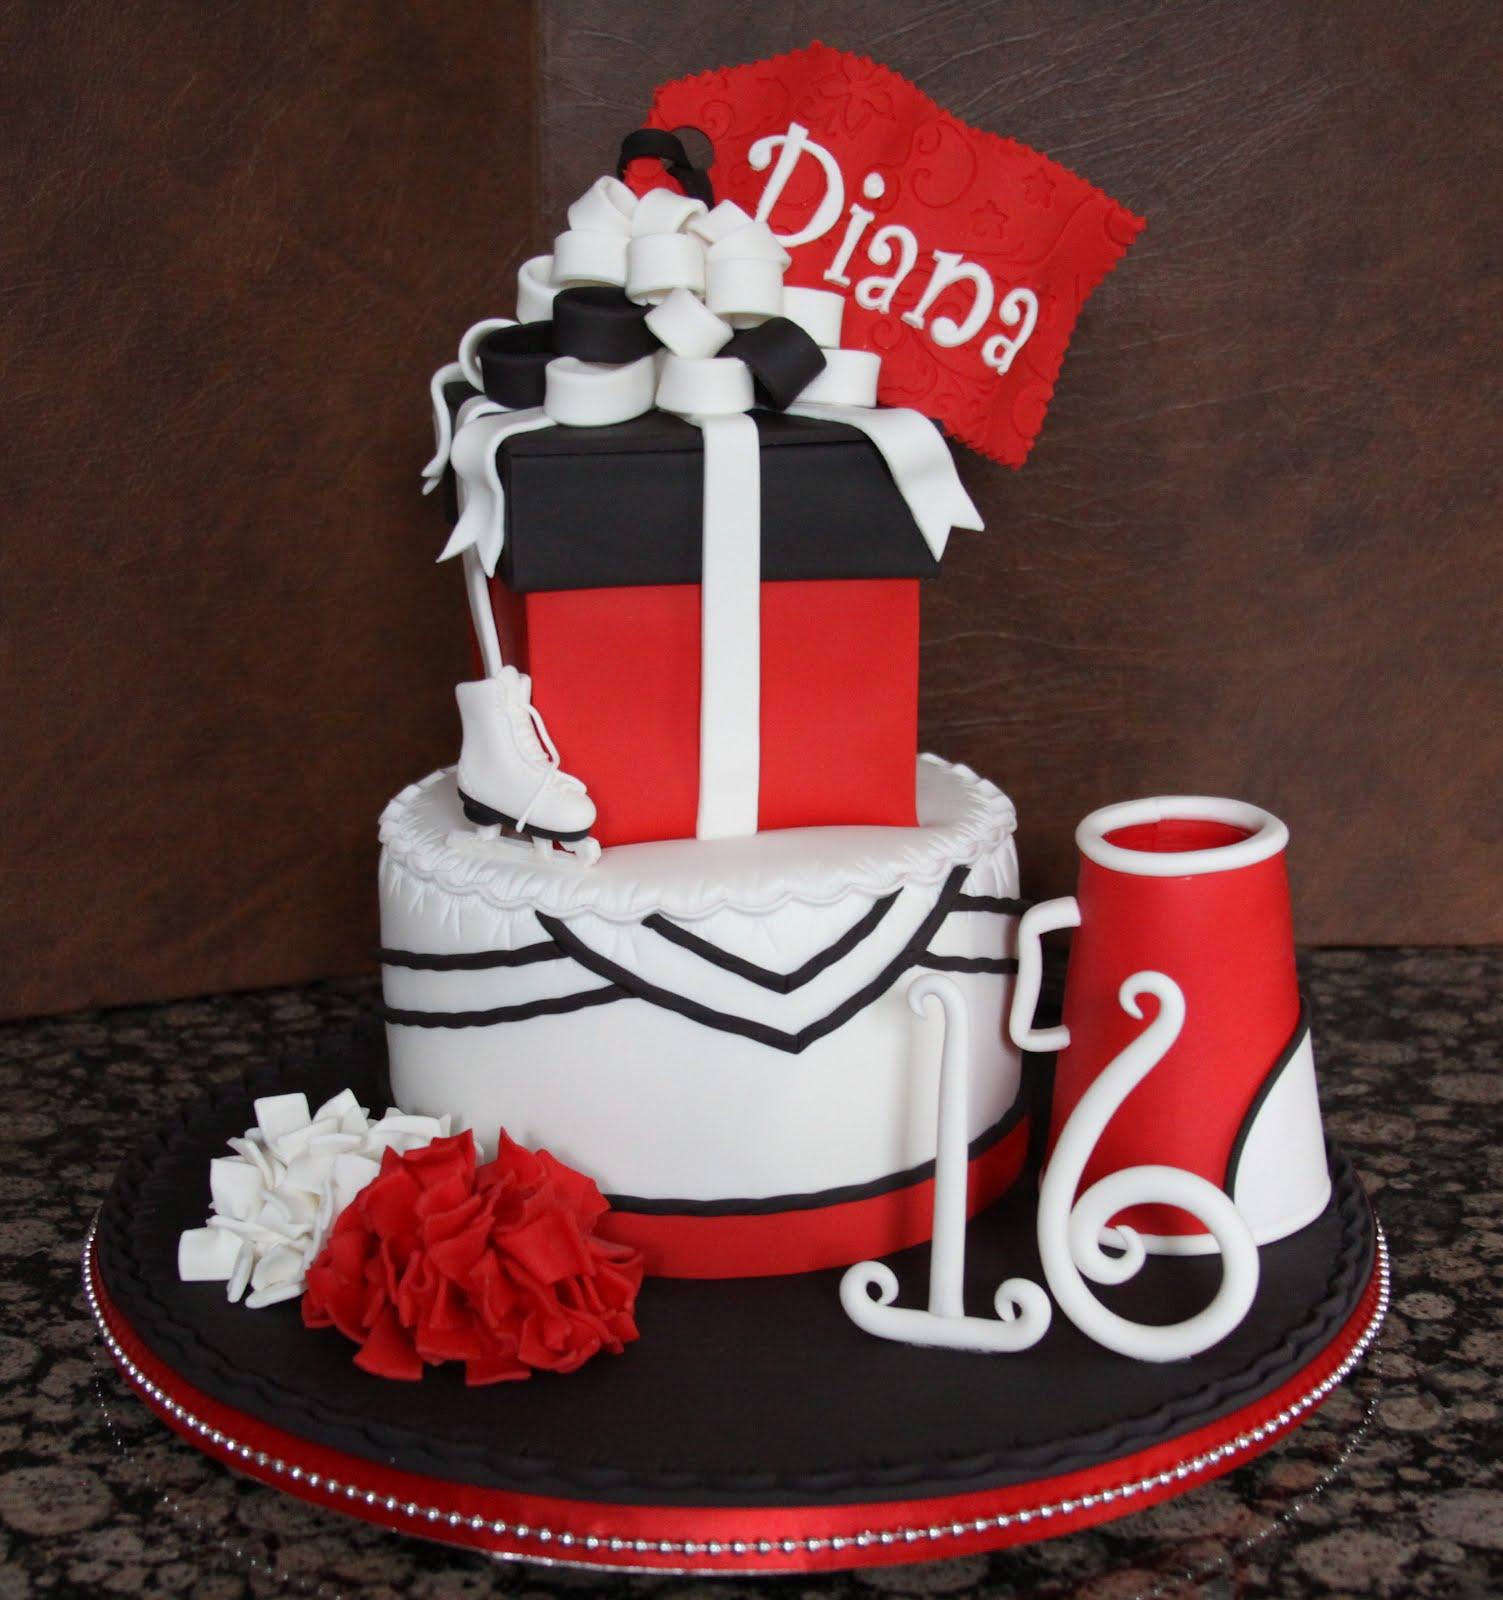 10 Megaphone Birthday Cakes Photo Cheerleading Cheerleader Cake